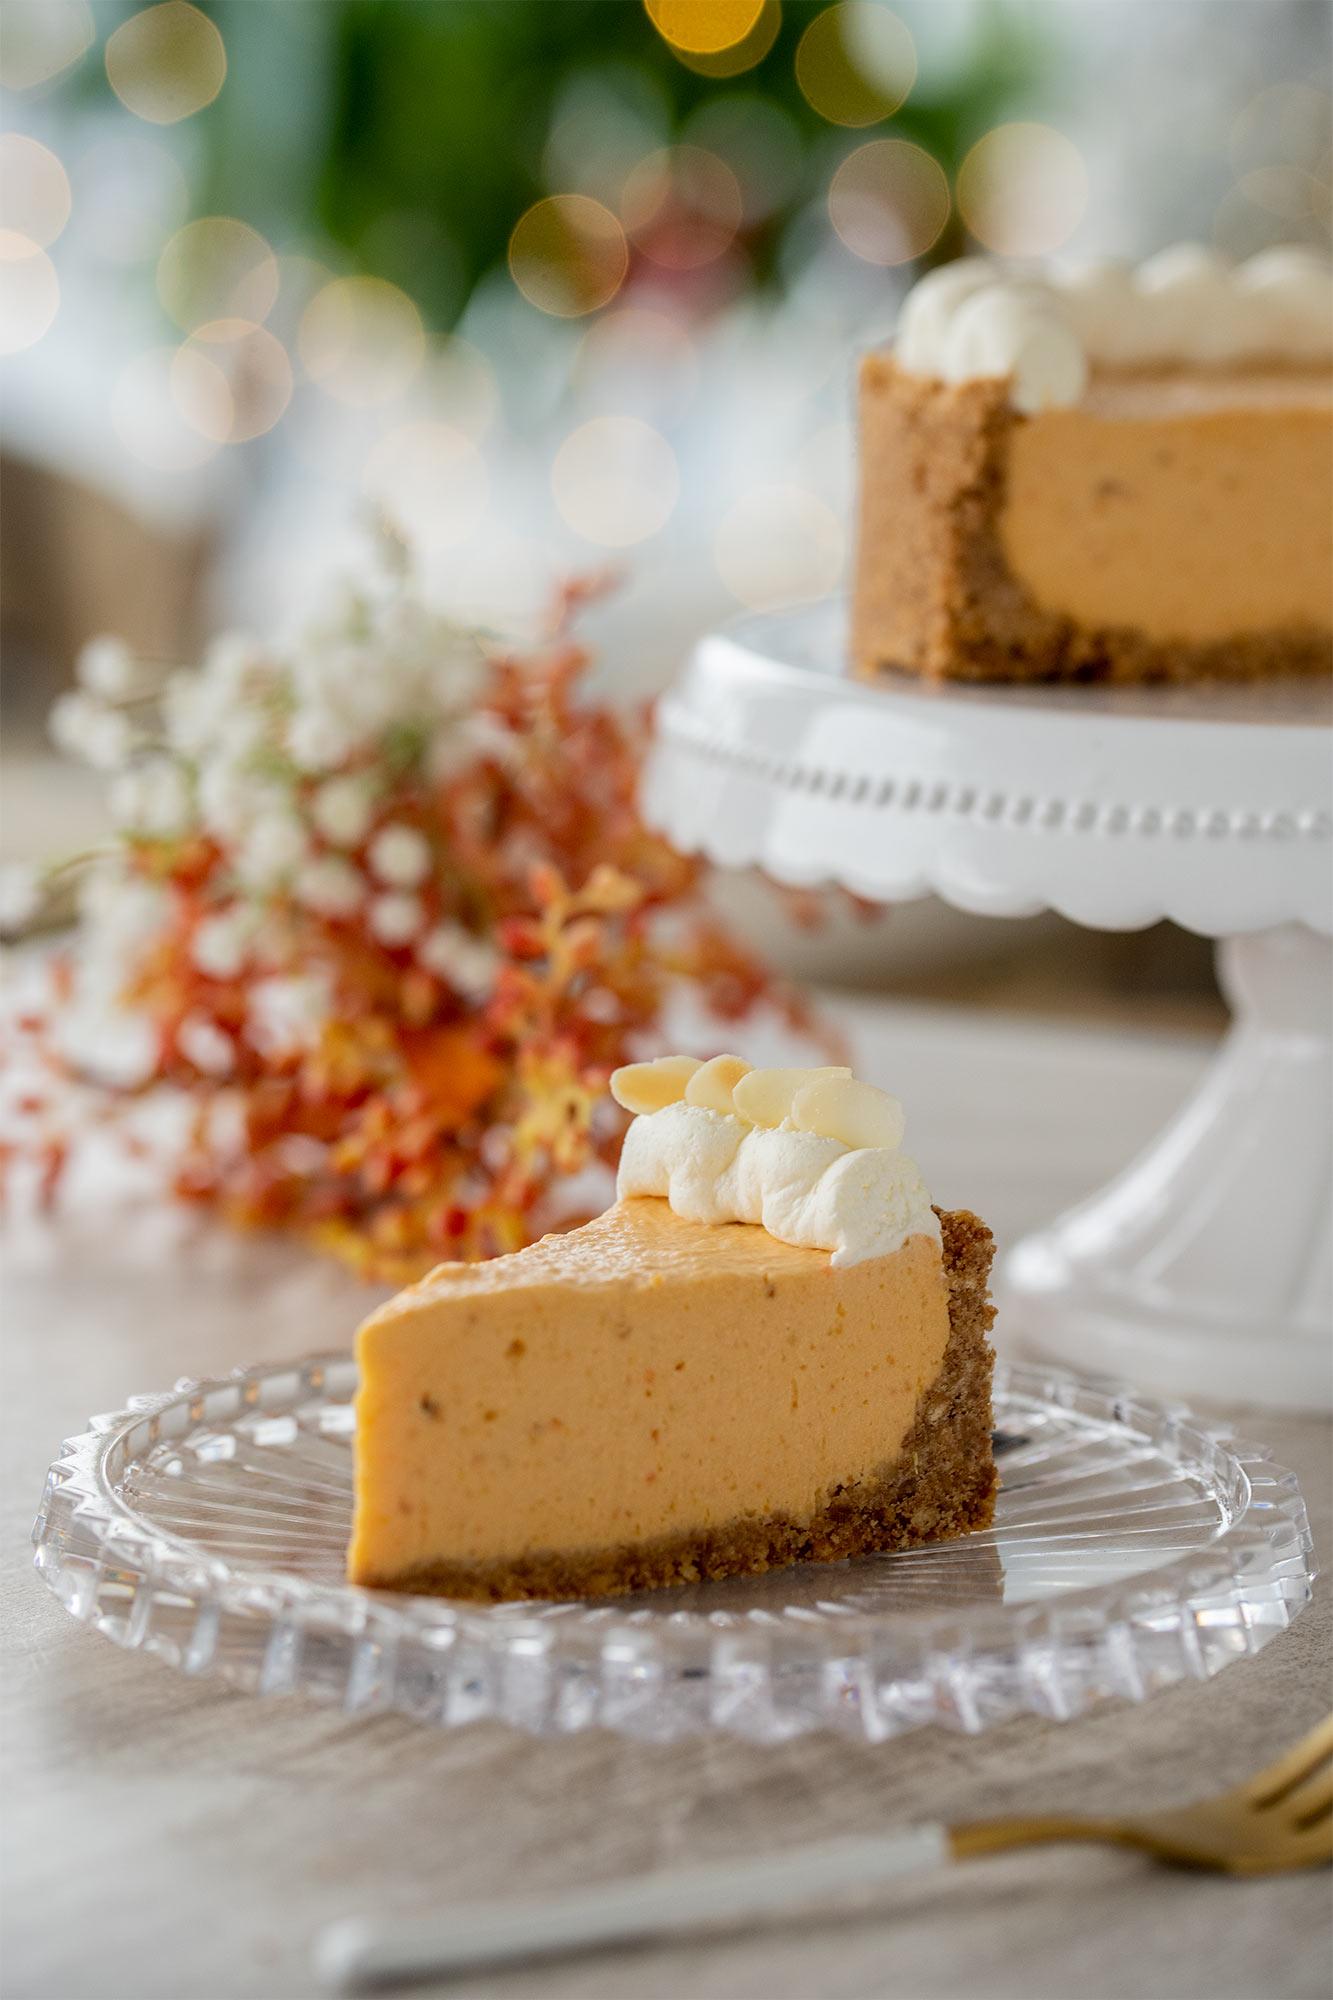 Cheesecake s sladkim krompirjem in misom